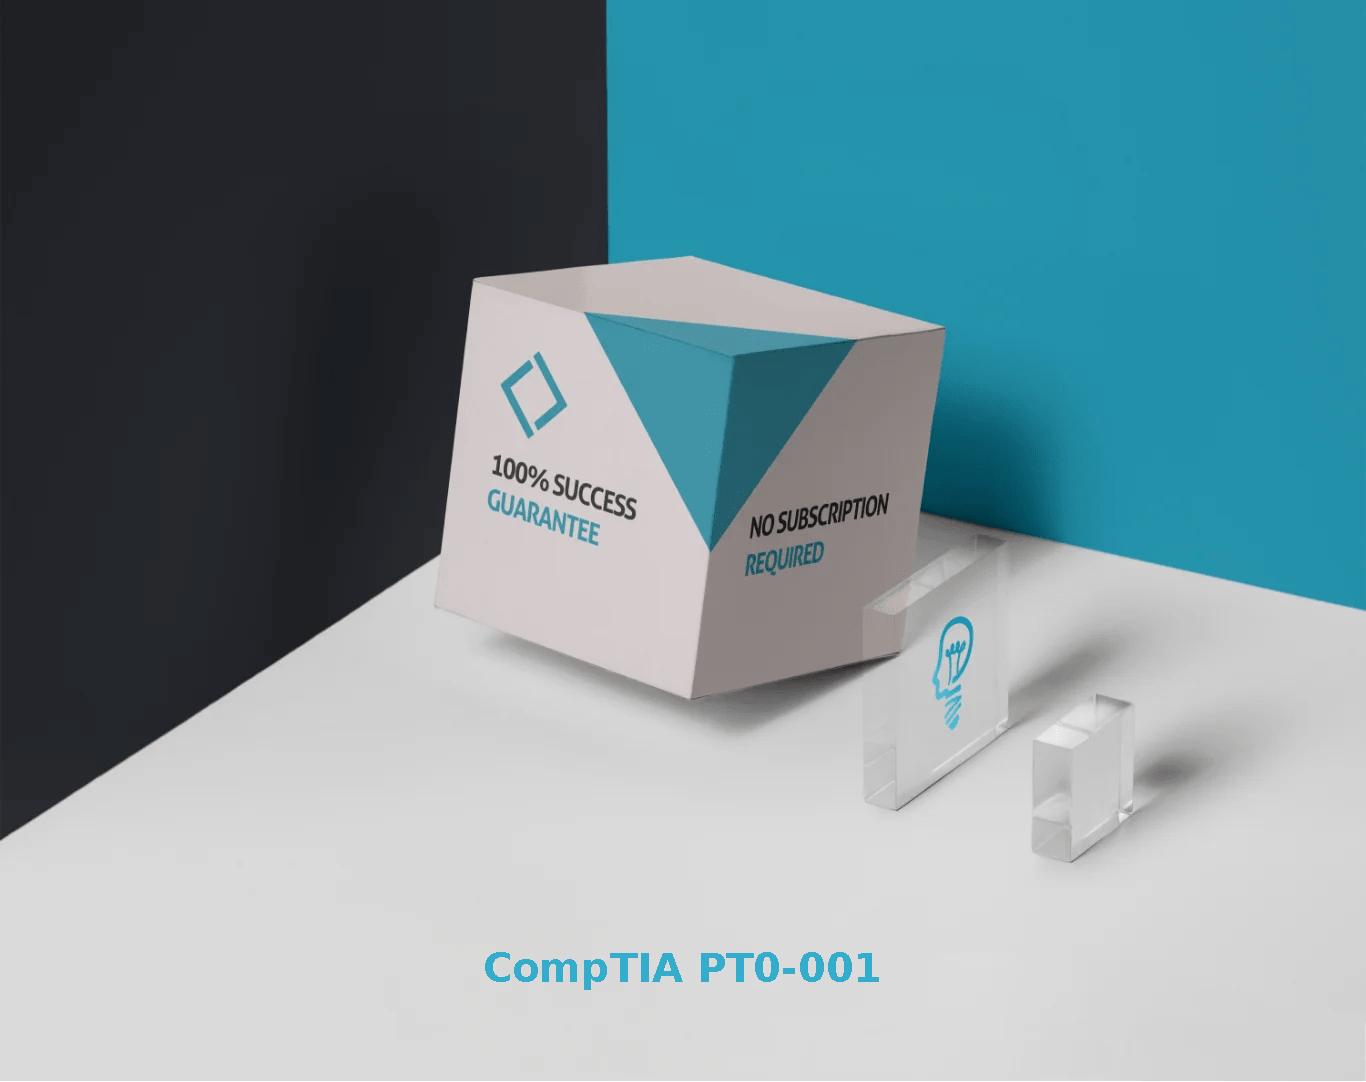 PT0-001 Dumps